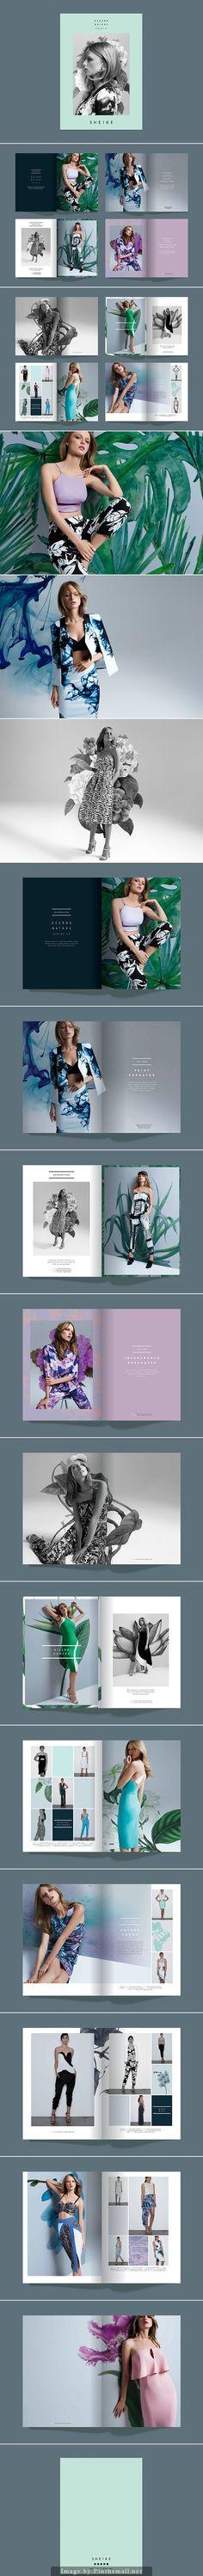 Sheike para libros moda